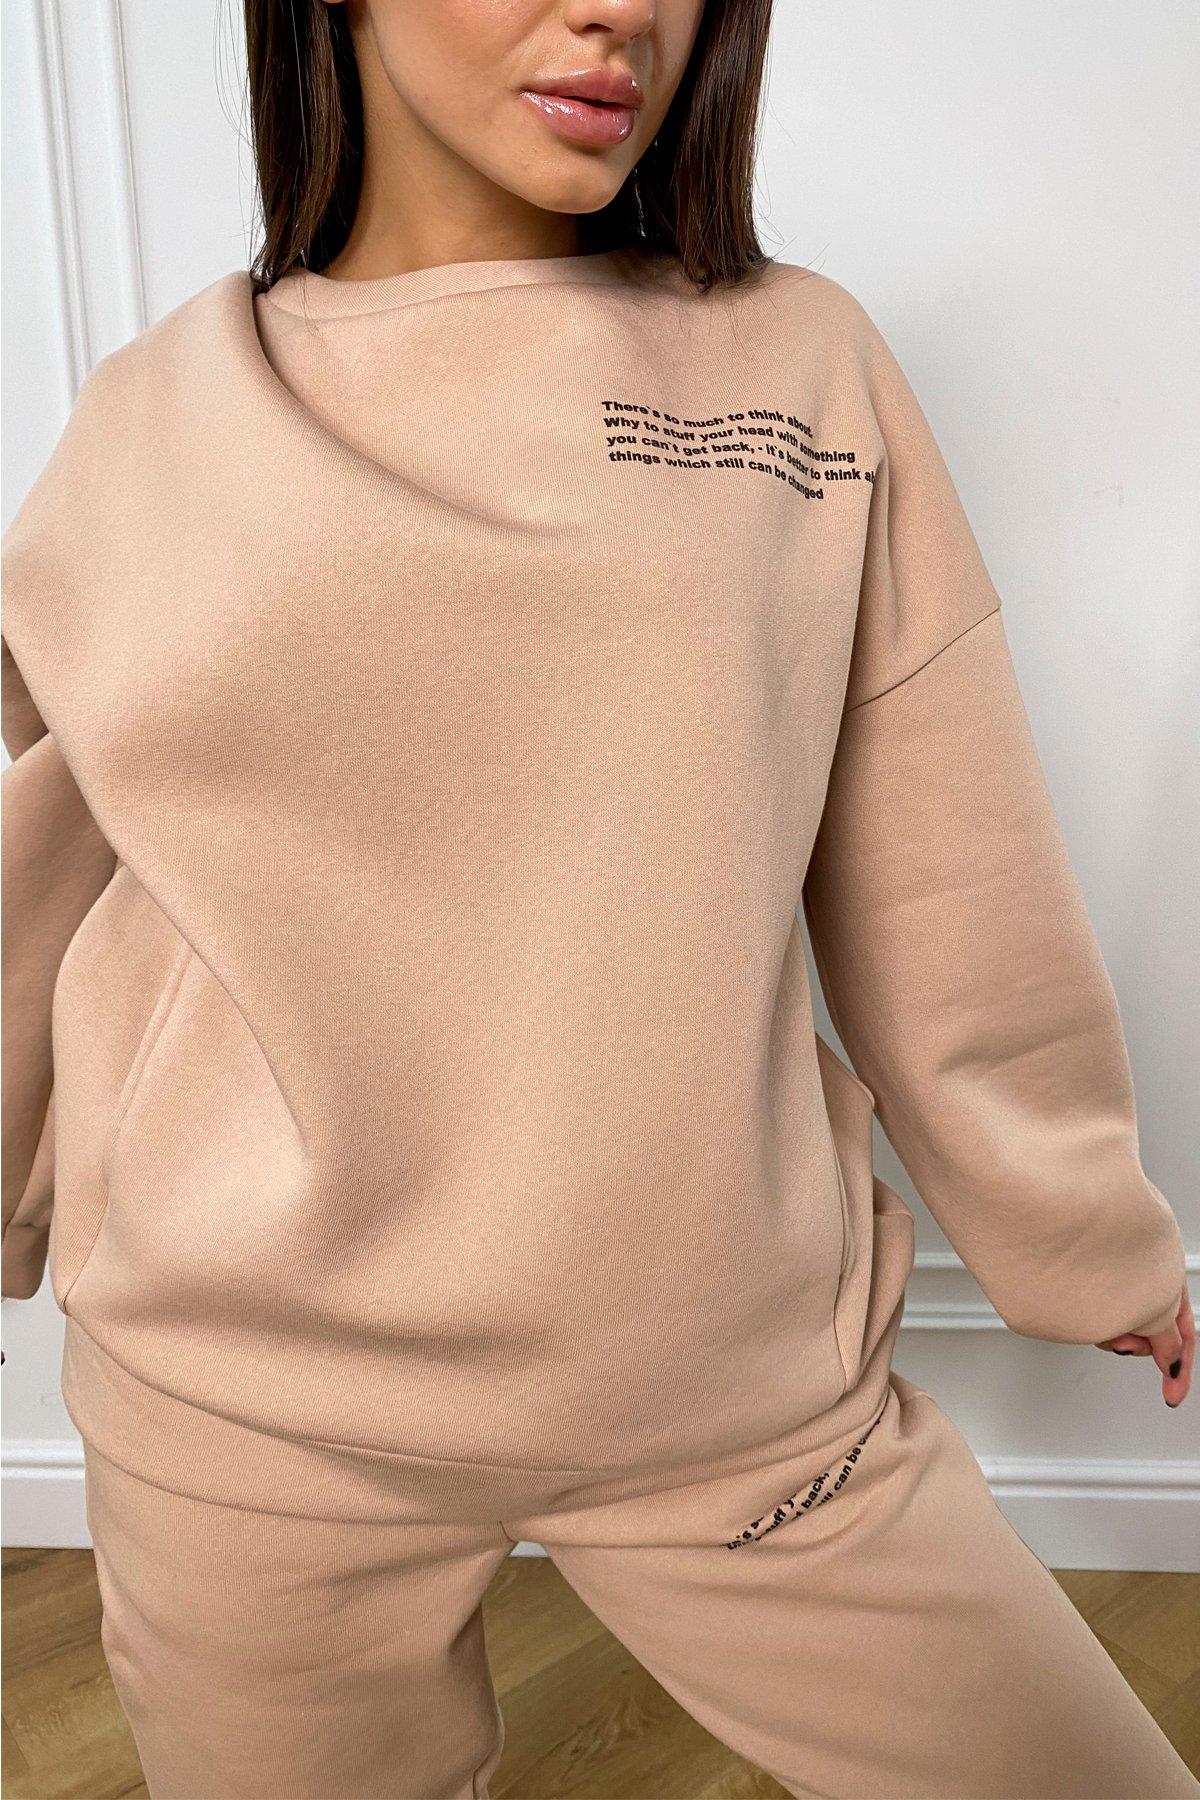 Ремейк Oversize трикотаж 3х нитка с начесом костюм 9969 АРТ. 46353 Цвет: Бежевый - фото 1, интернет магазин tm-modus.ru